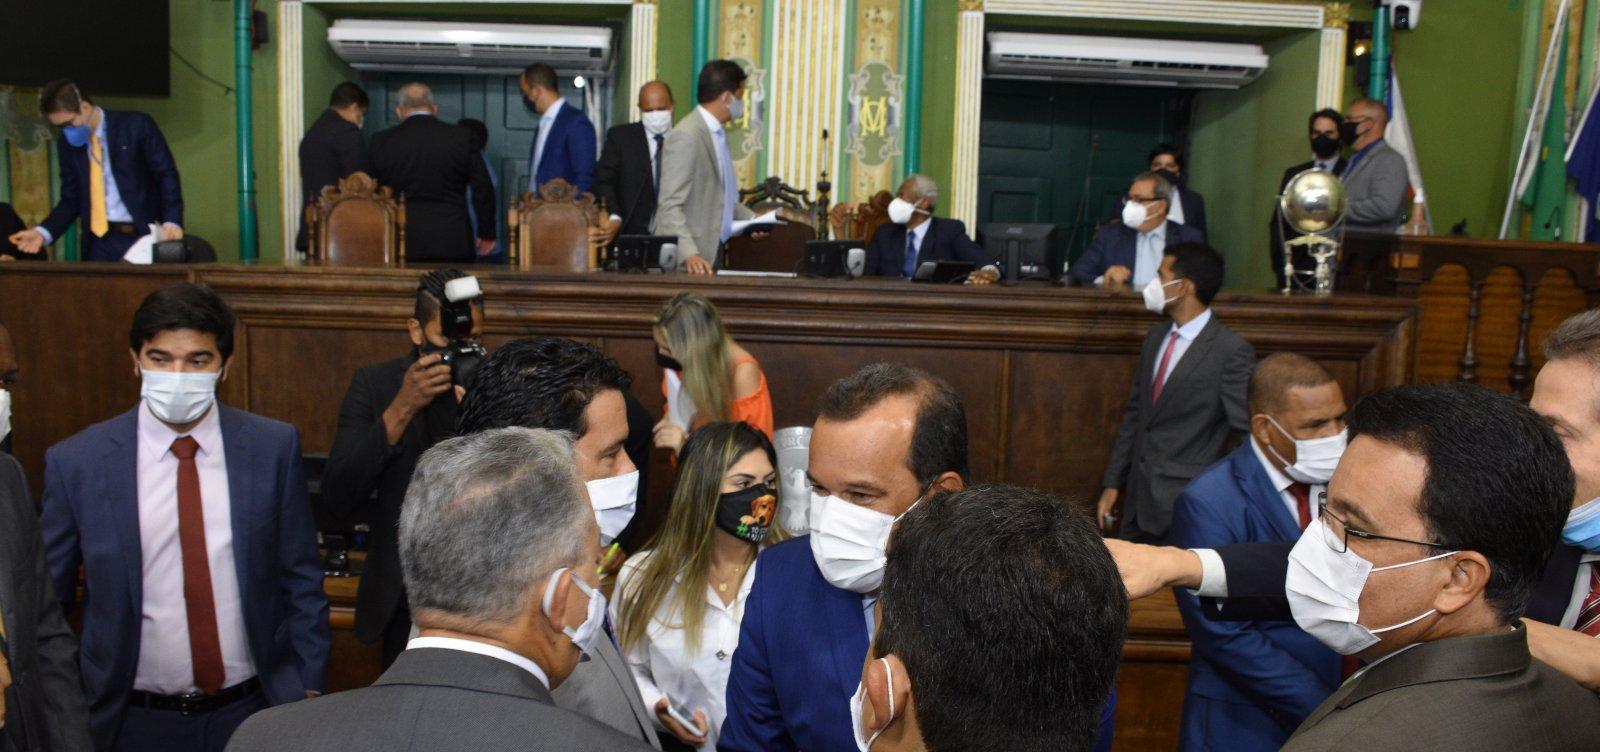 Salvador: Câmara Municipal elege nova Mesa Diretora; confira os nomes